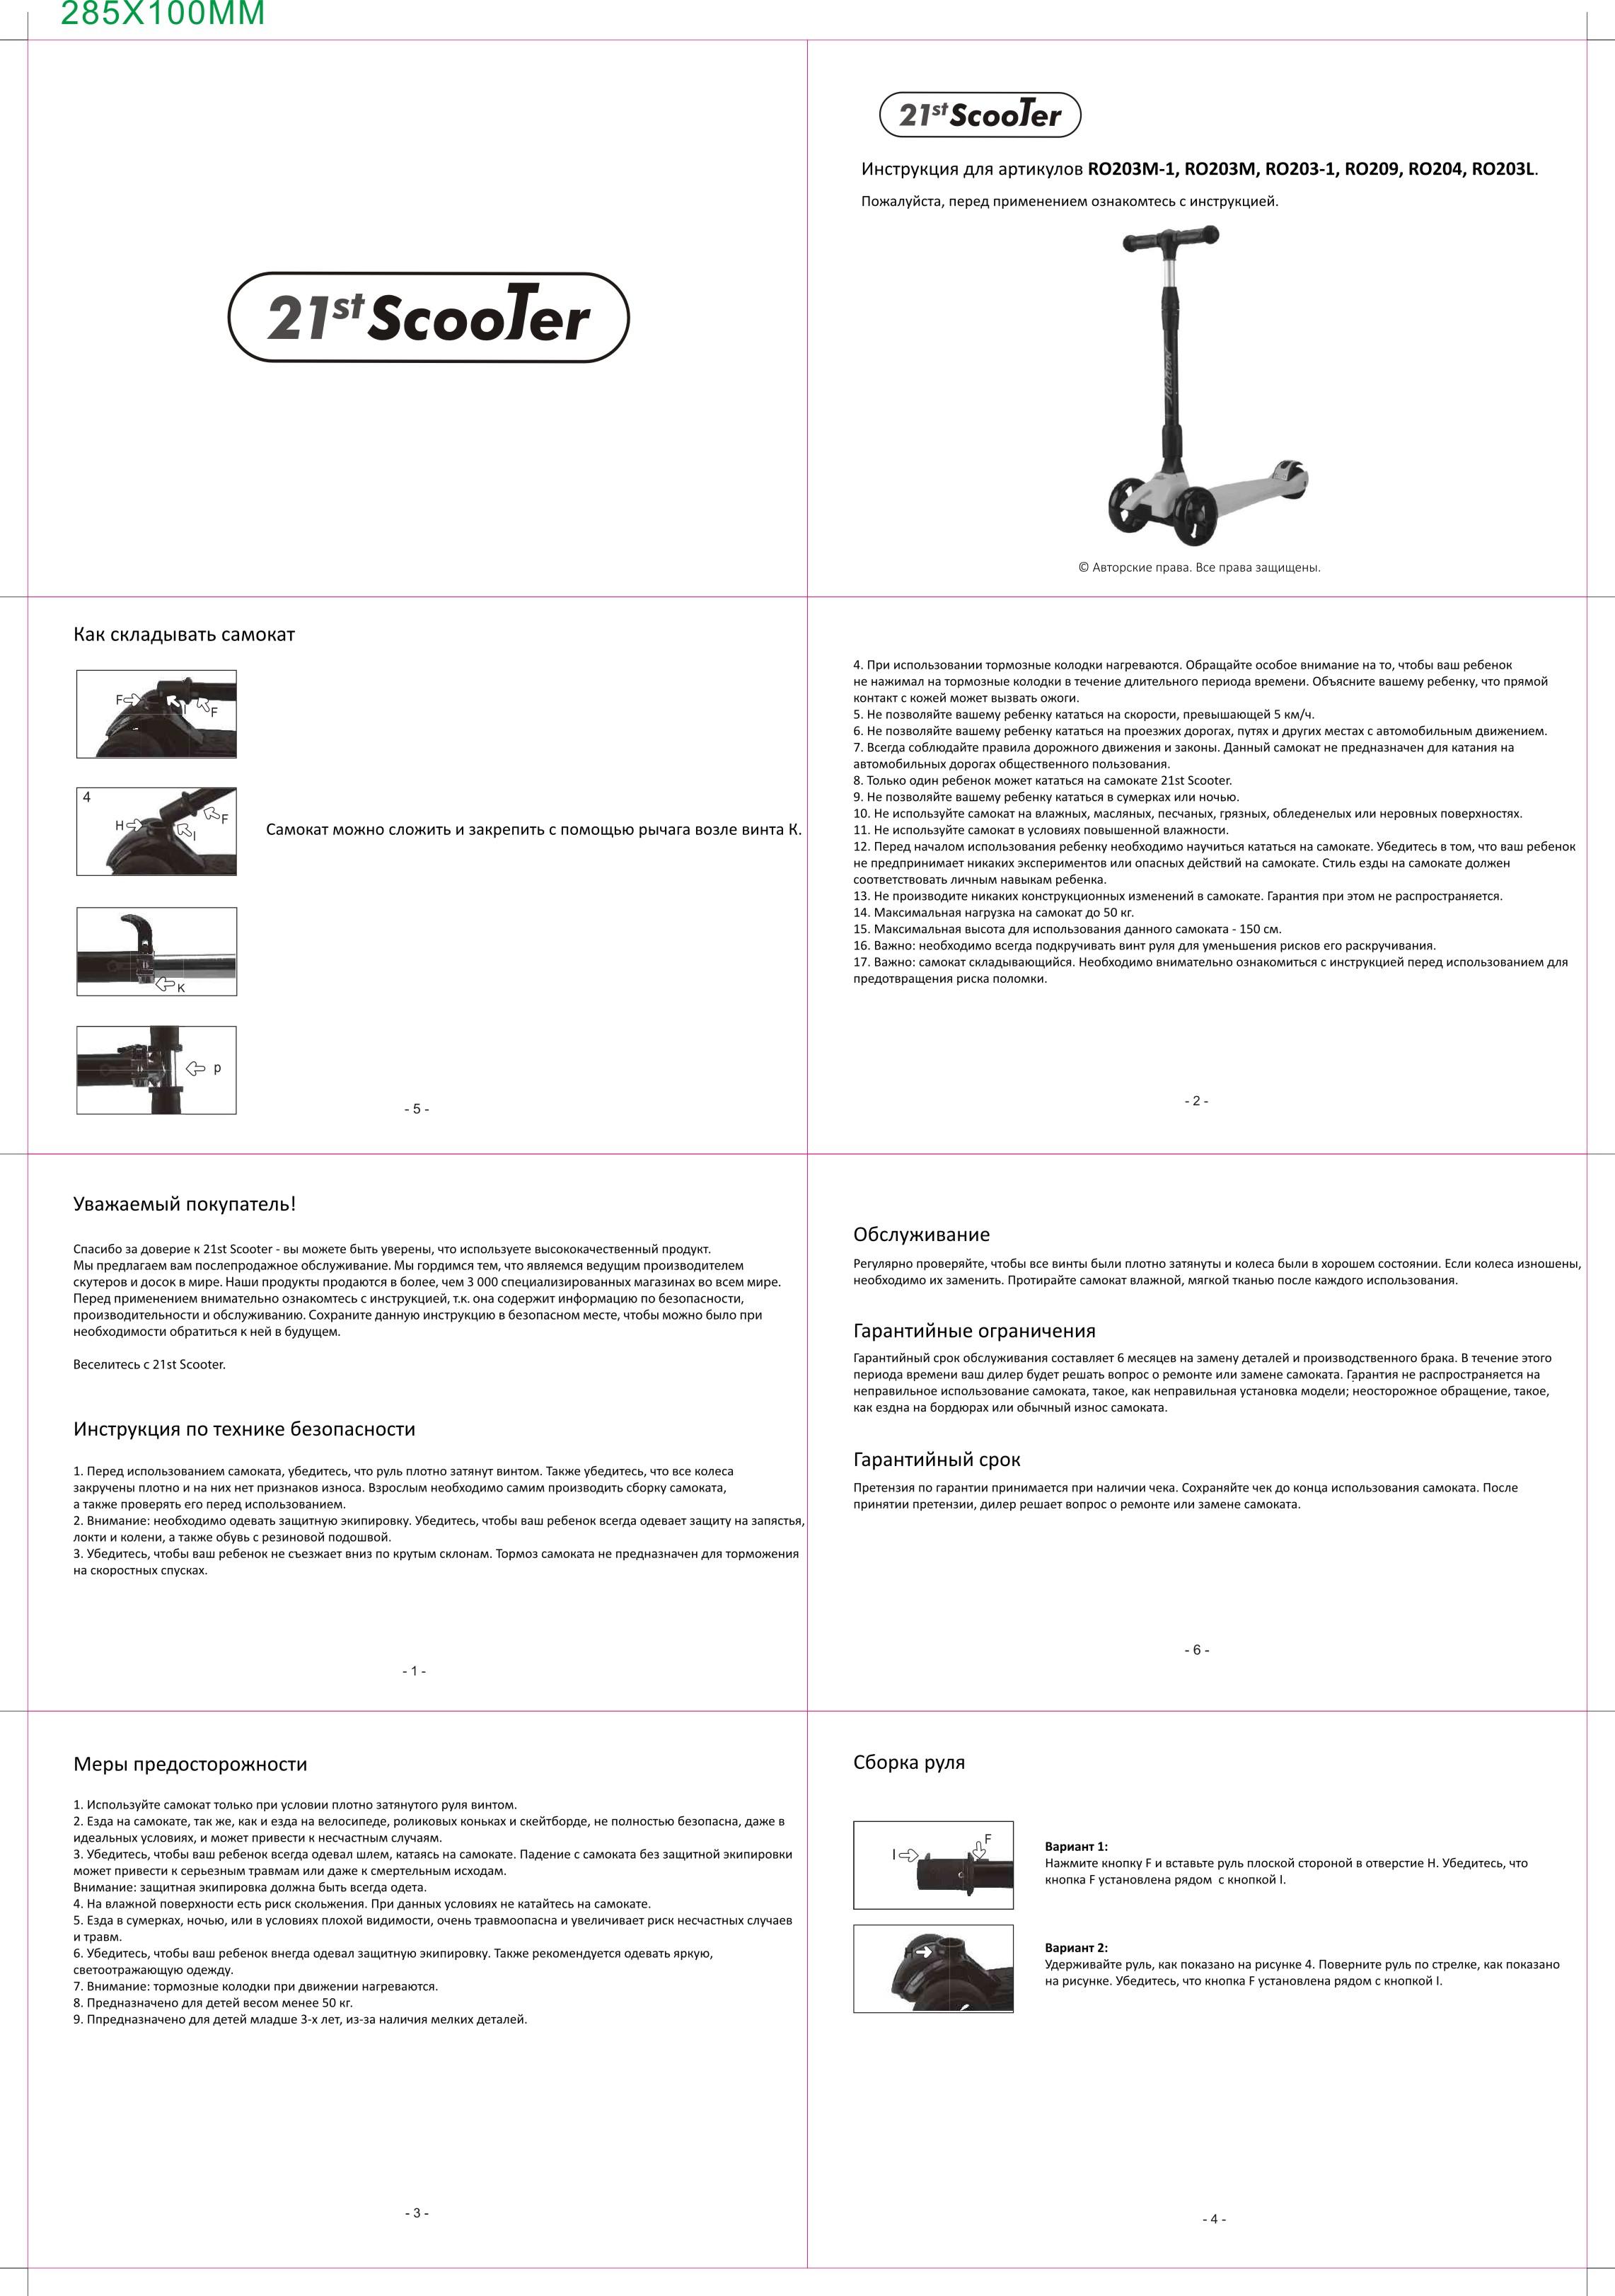 Самокат трехколесный, ручка складная регулируется по высоте, алюминиевый, до 50кг, 64,5х28,5х61,5см, 3 цвета в ассортименте